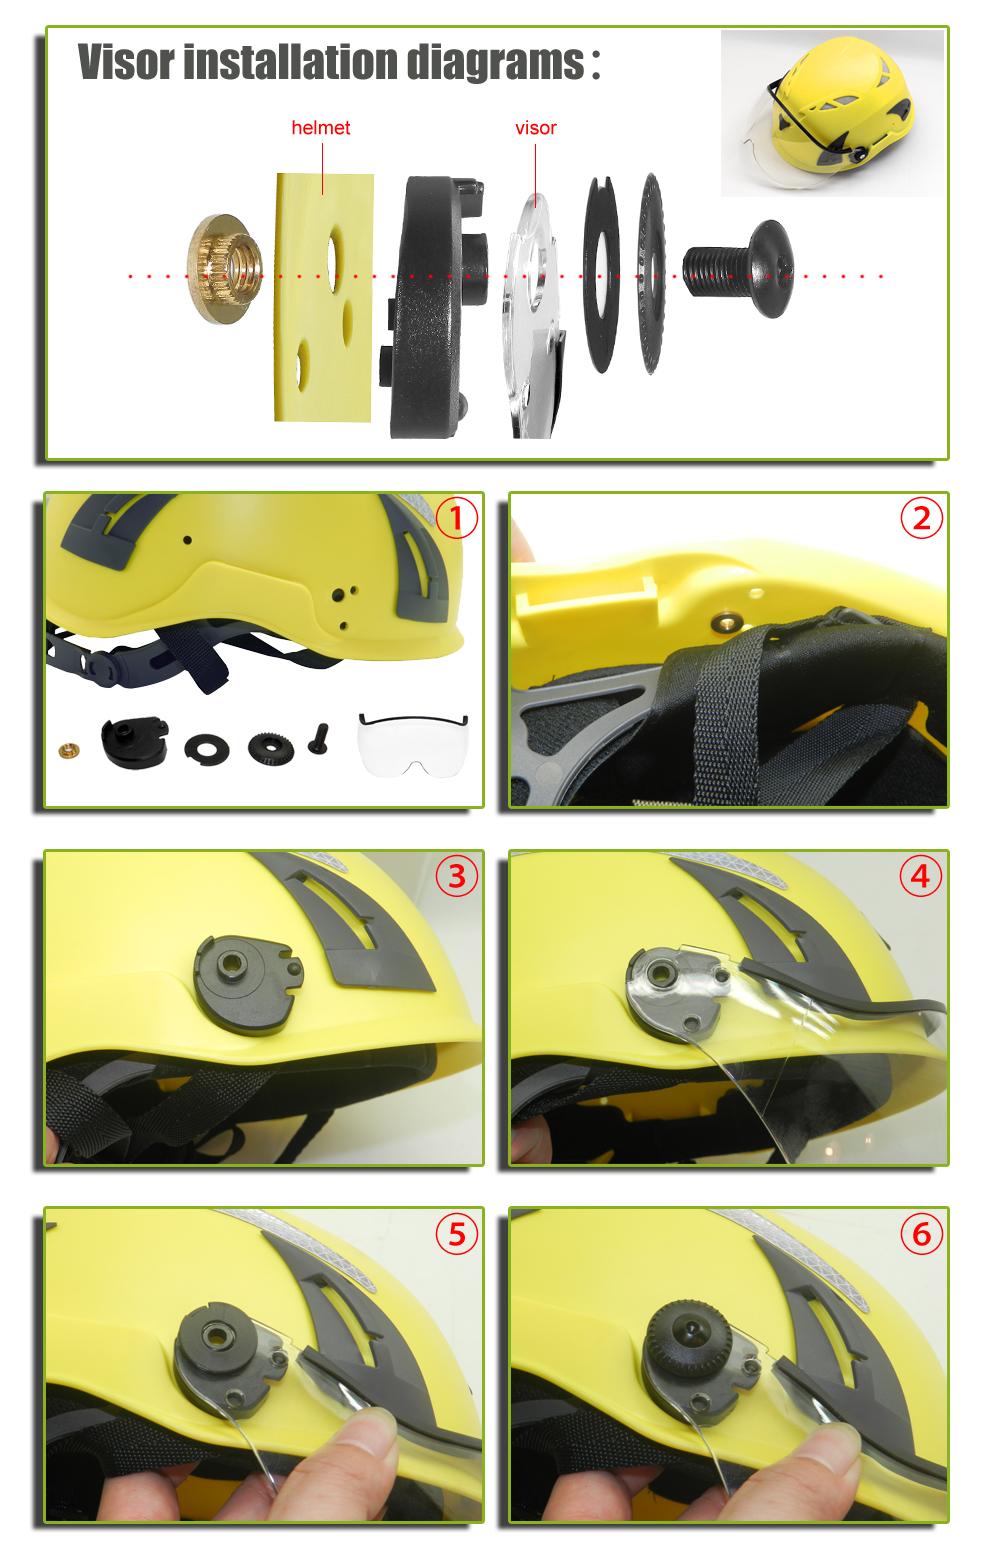 Scaffolding Helmets For Sale 20